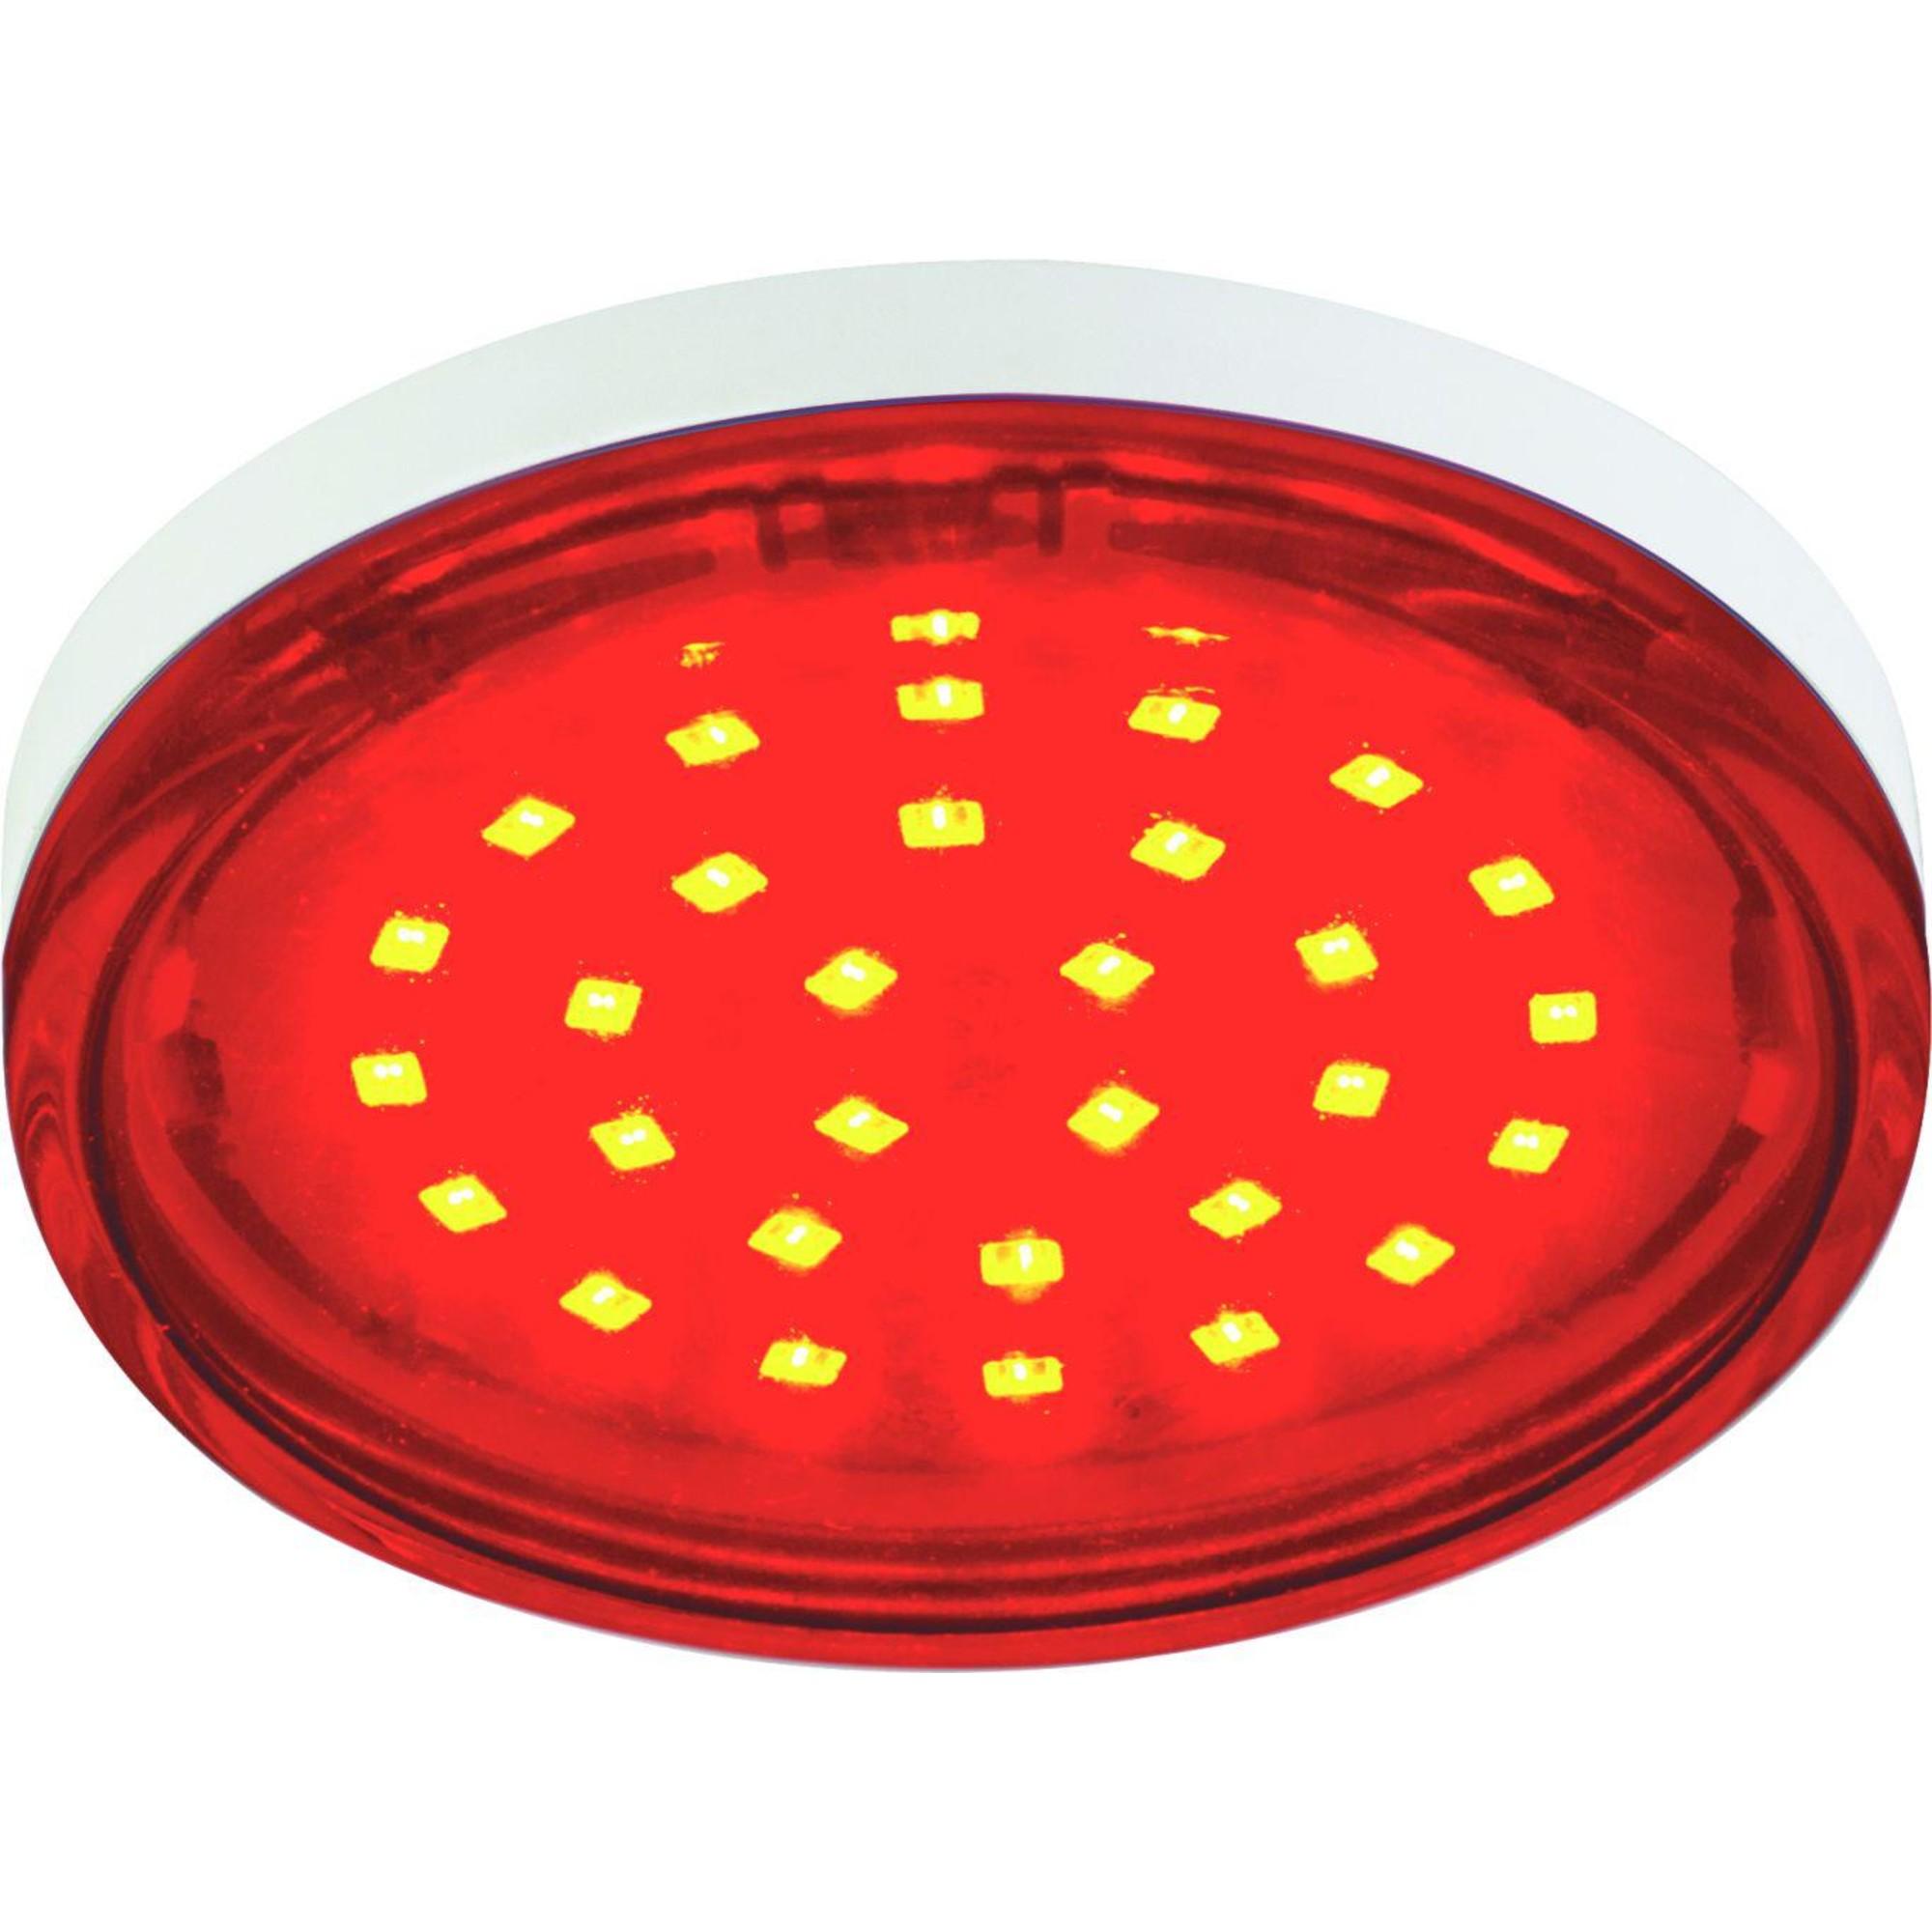 Лампа Ecola стандарт светодионая GX53 4.40 Вт таблетка Лм теплый свет